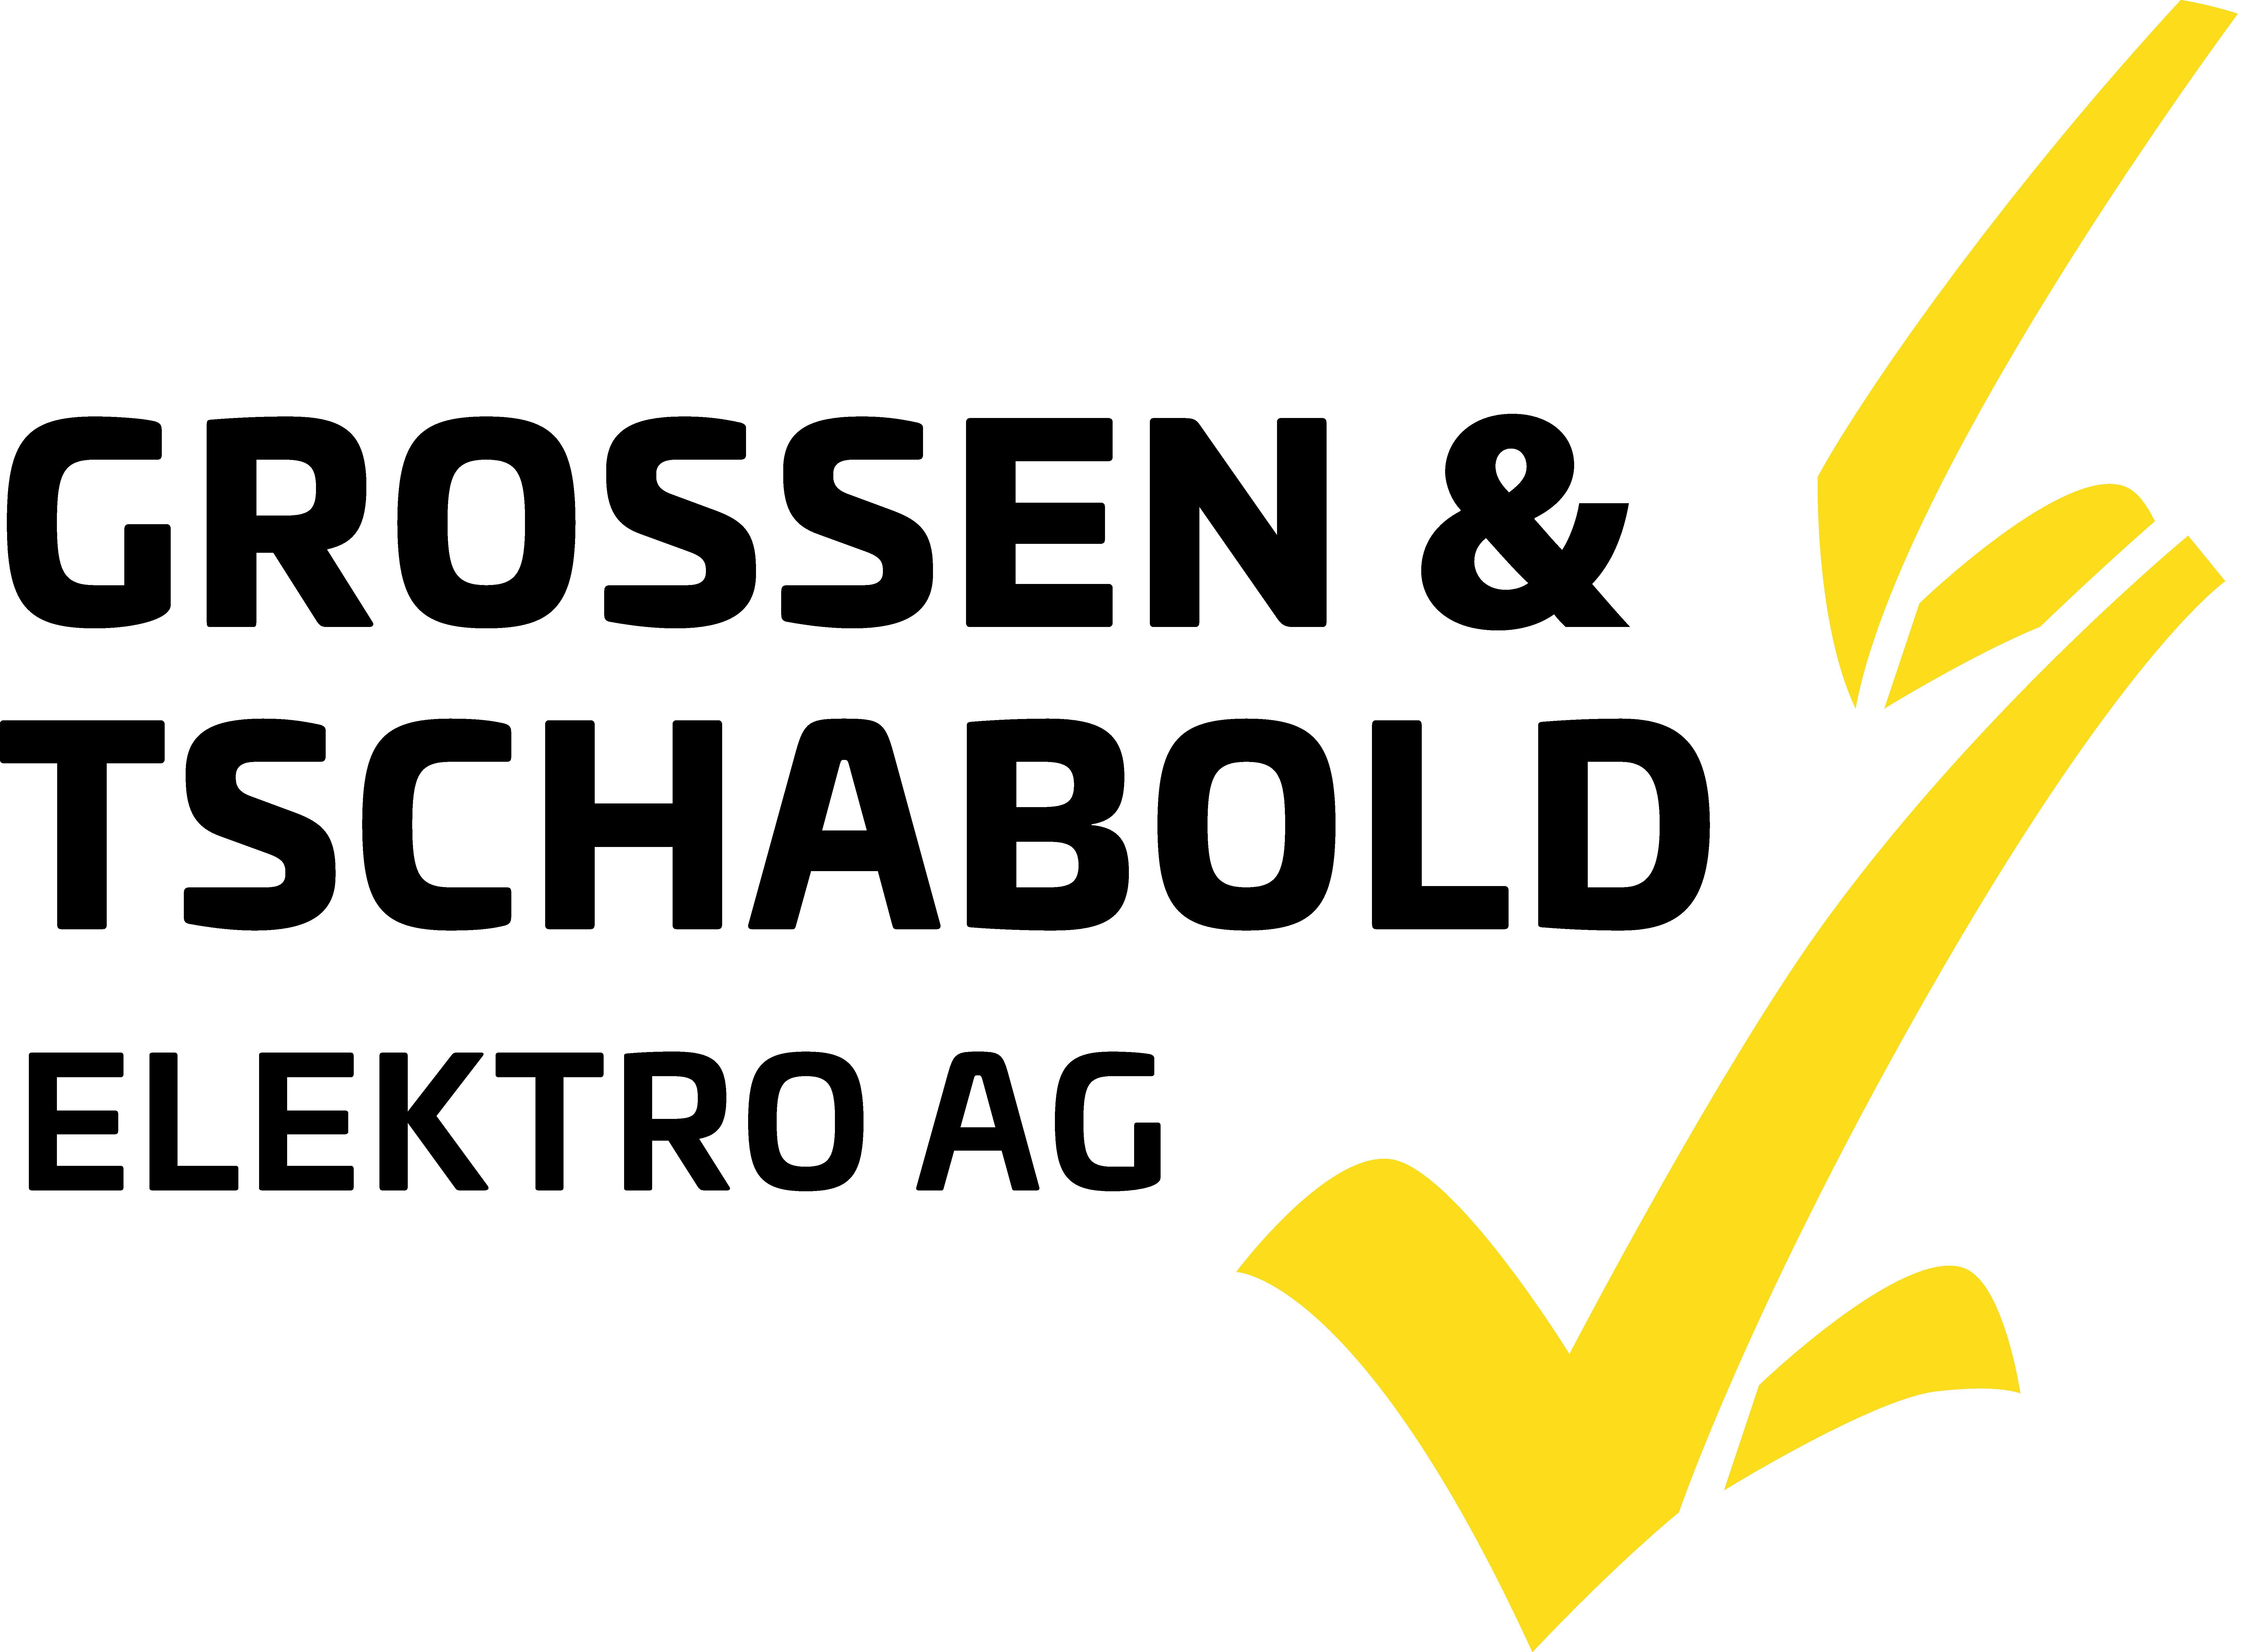 Grossen & Tschabold Elektro AG